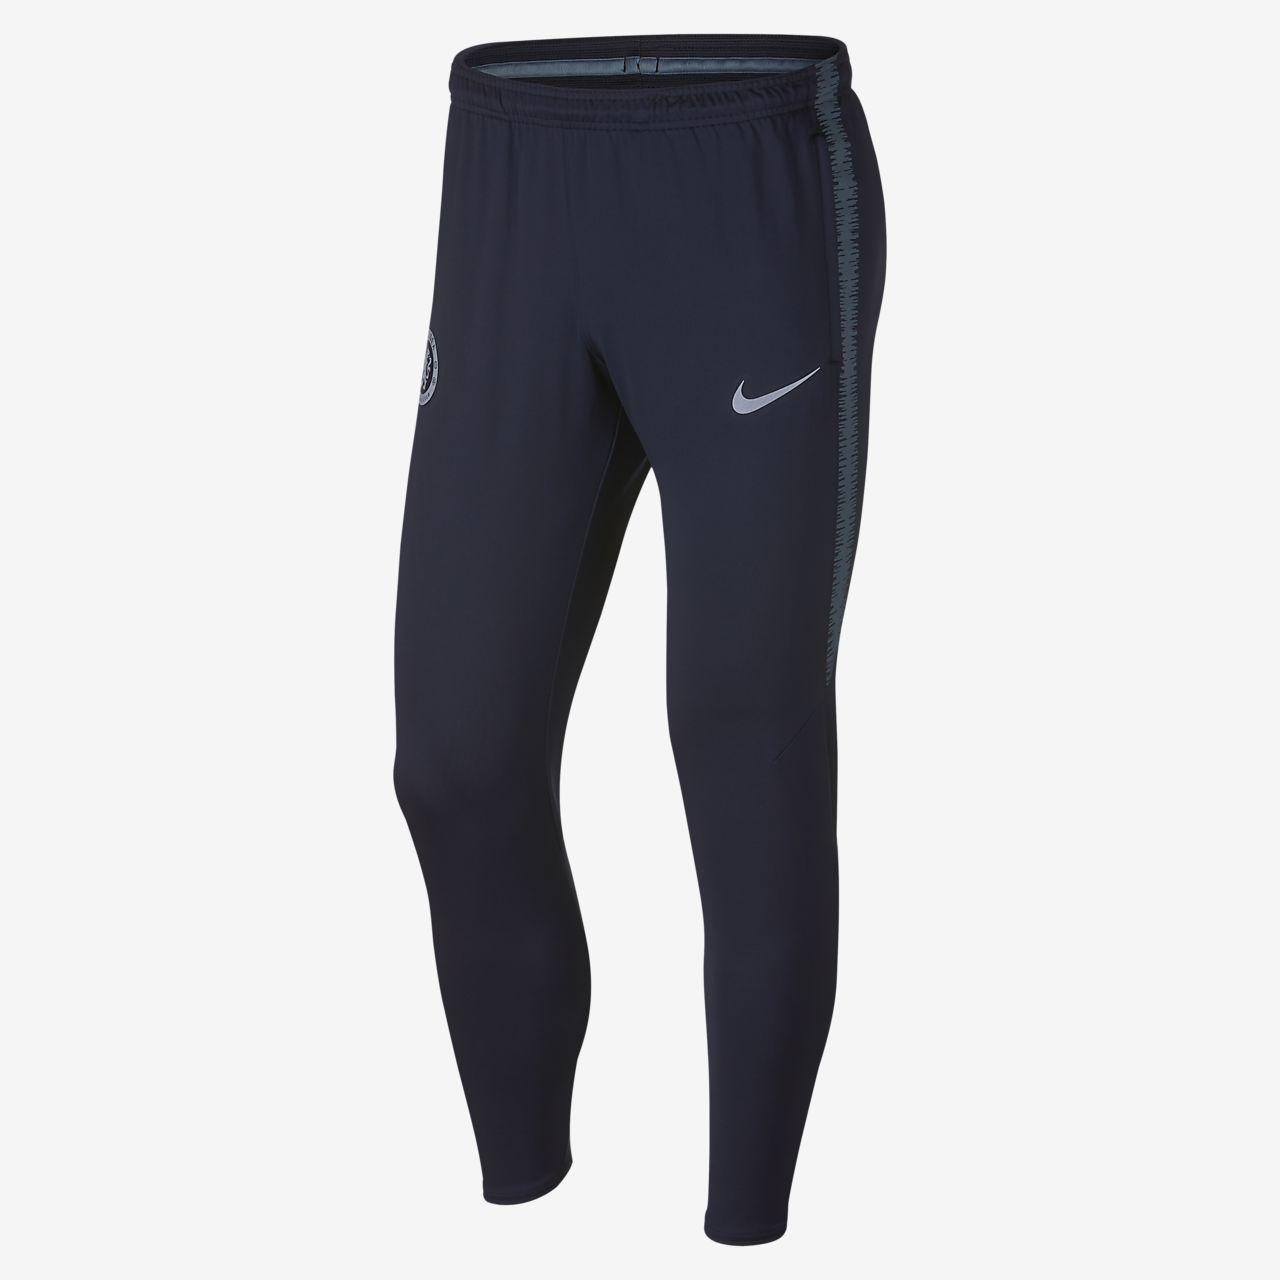 Chelsea FC Dri-FIT Squad pantalons de futbol - Home